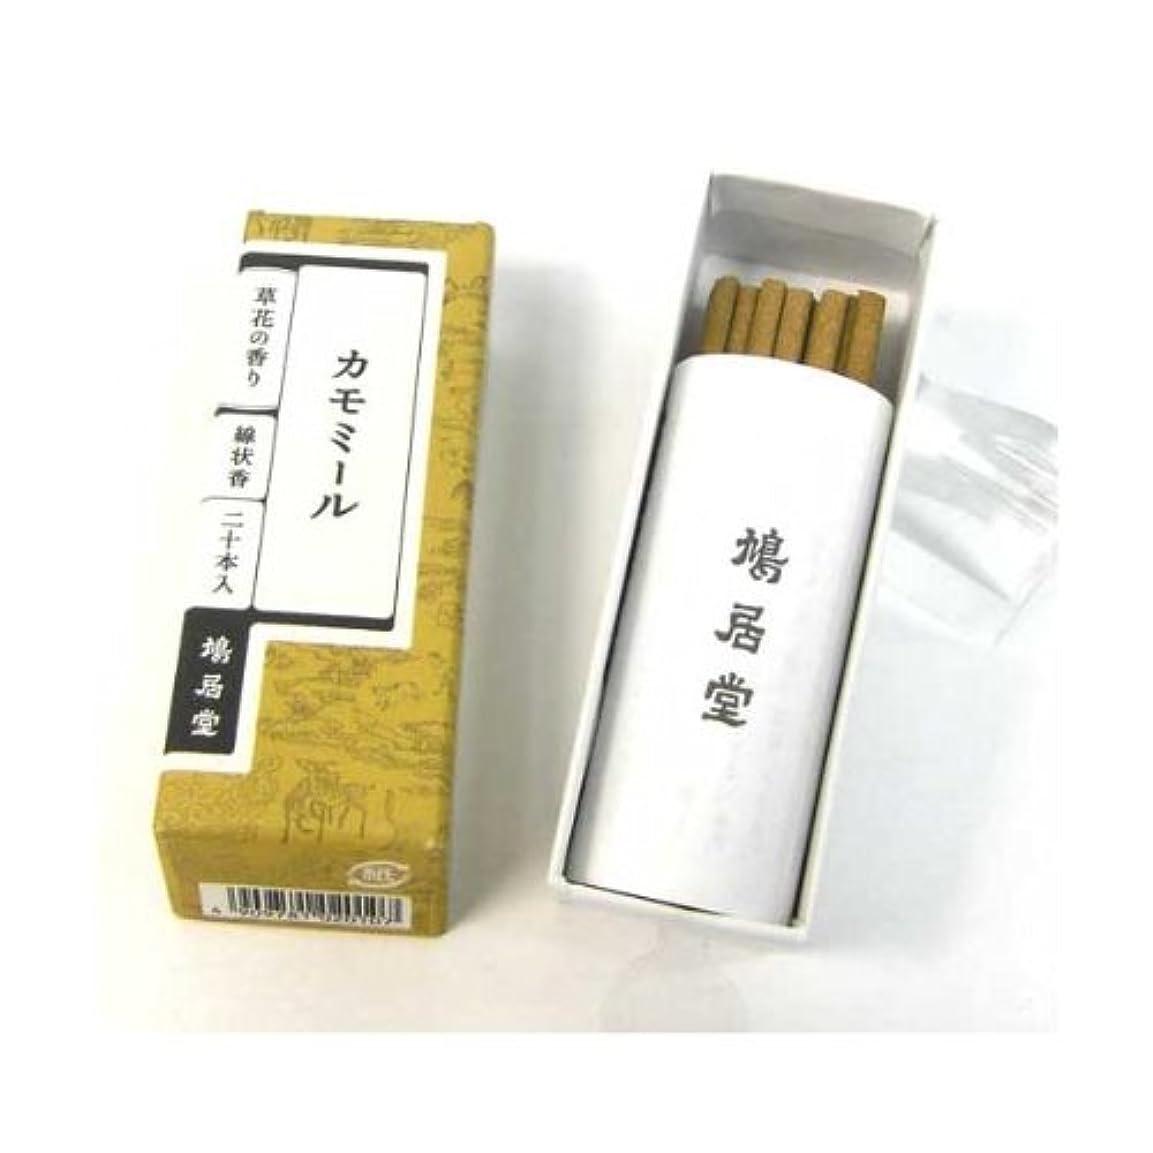 図書館コンベンション住む鳩居堂 お香 カモミール 草花の香りシリーズ スティックタイプ(棒状香)20本いり